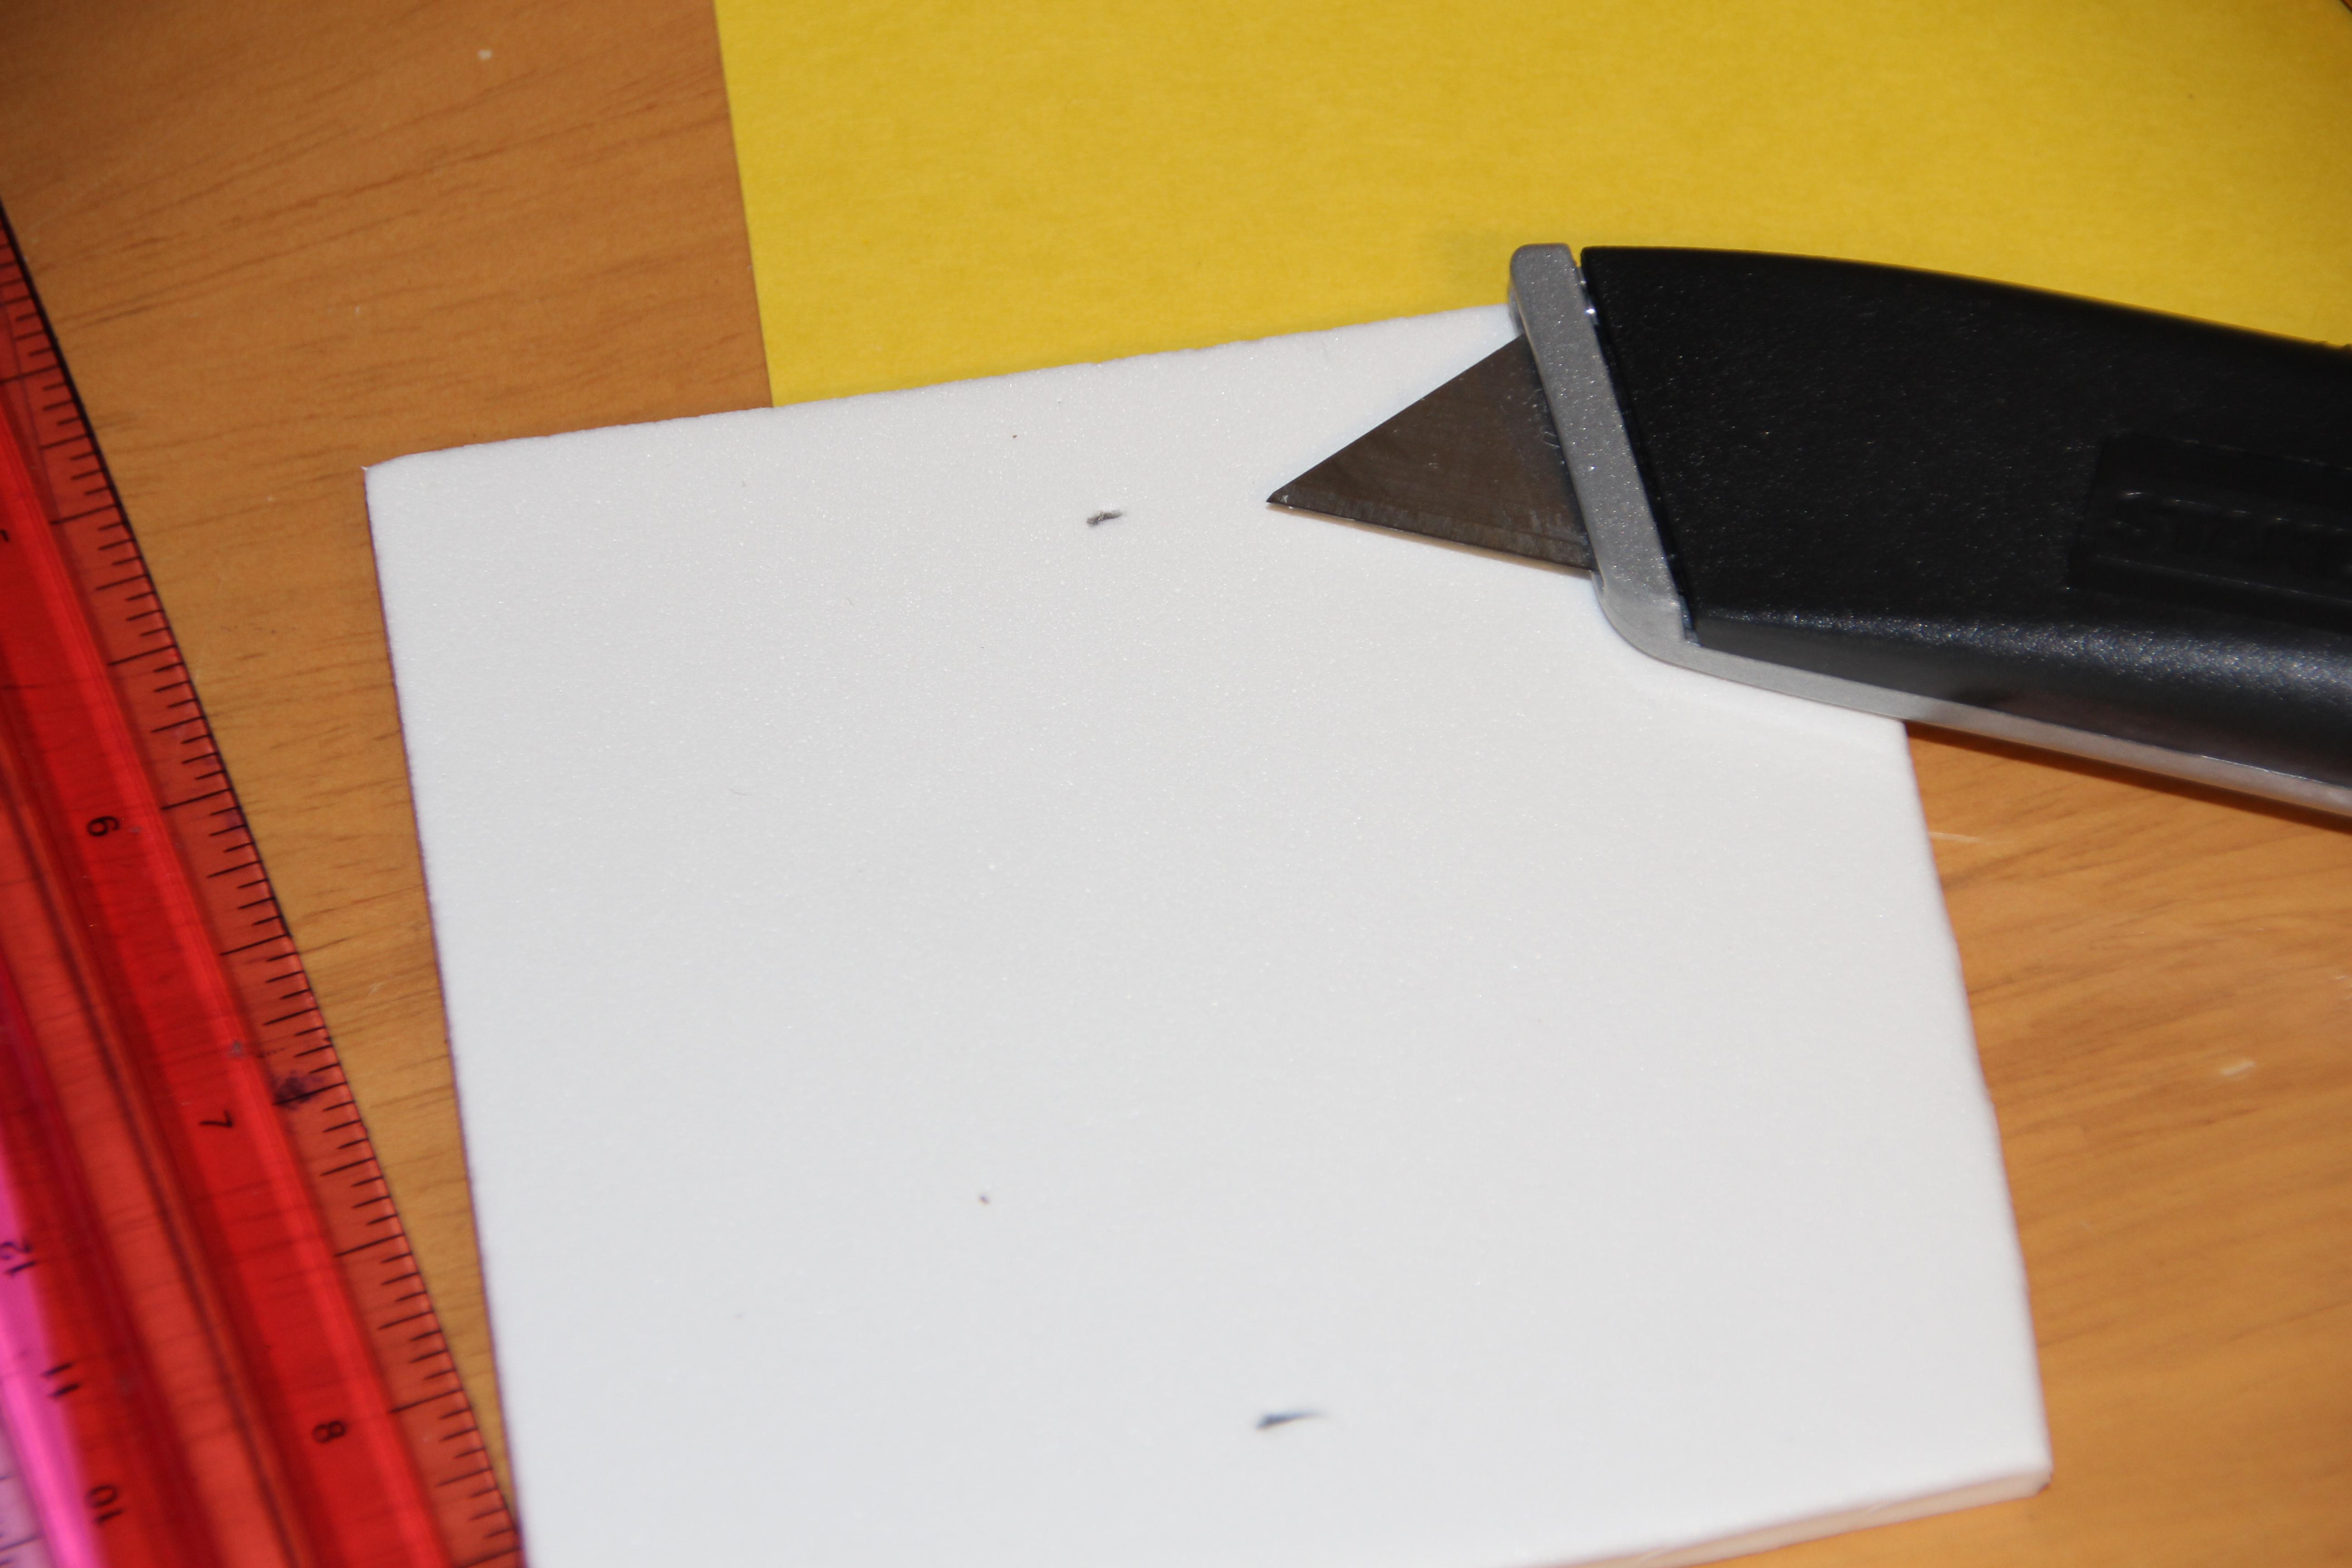 Cut slits on foam sheet